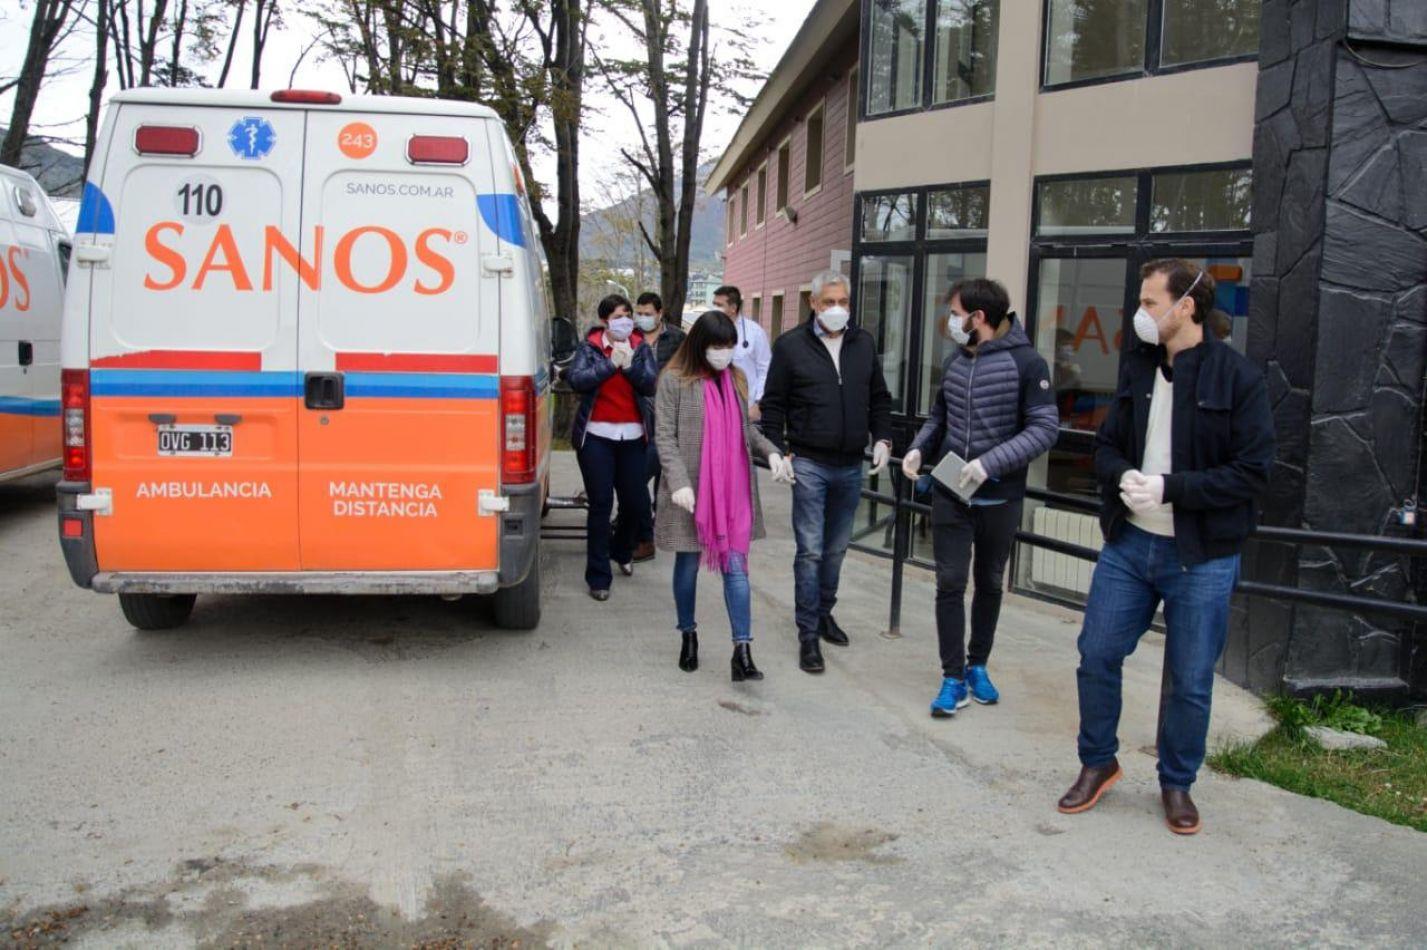 Punto de emergencia sanitaria móvil en el barrio Mirador de los Andes de Ushuaia